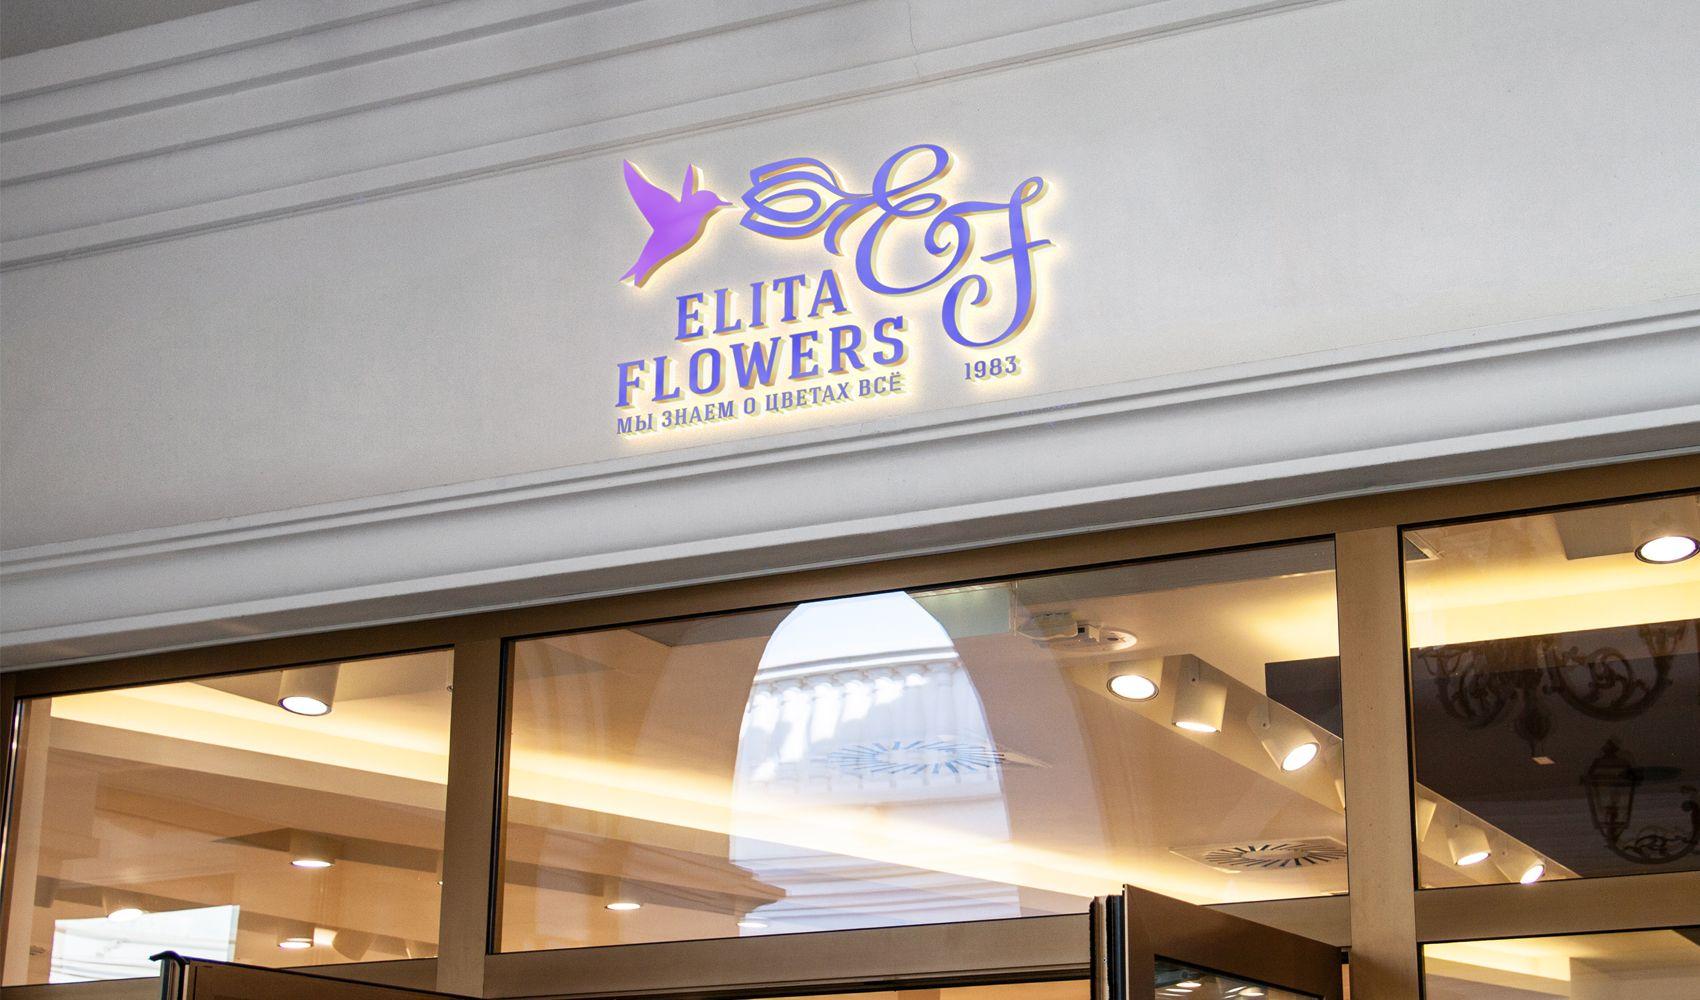 Логотип для Магазин свежих цветов - Elita flowers - дизайнер andblin61